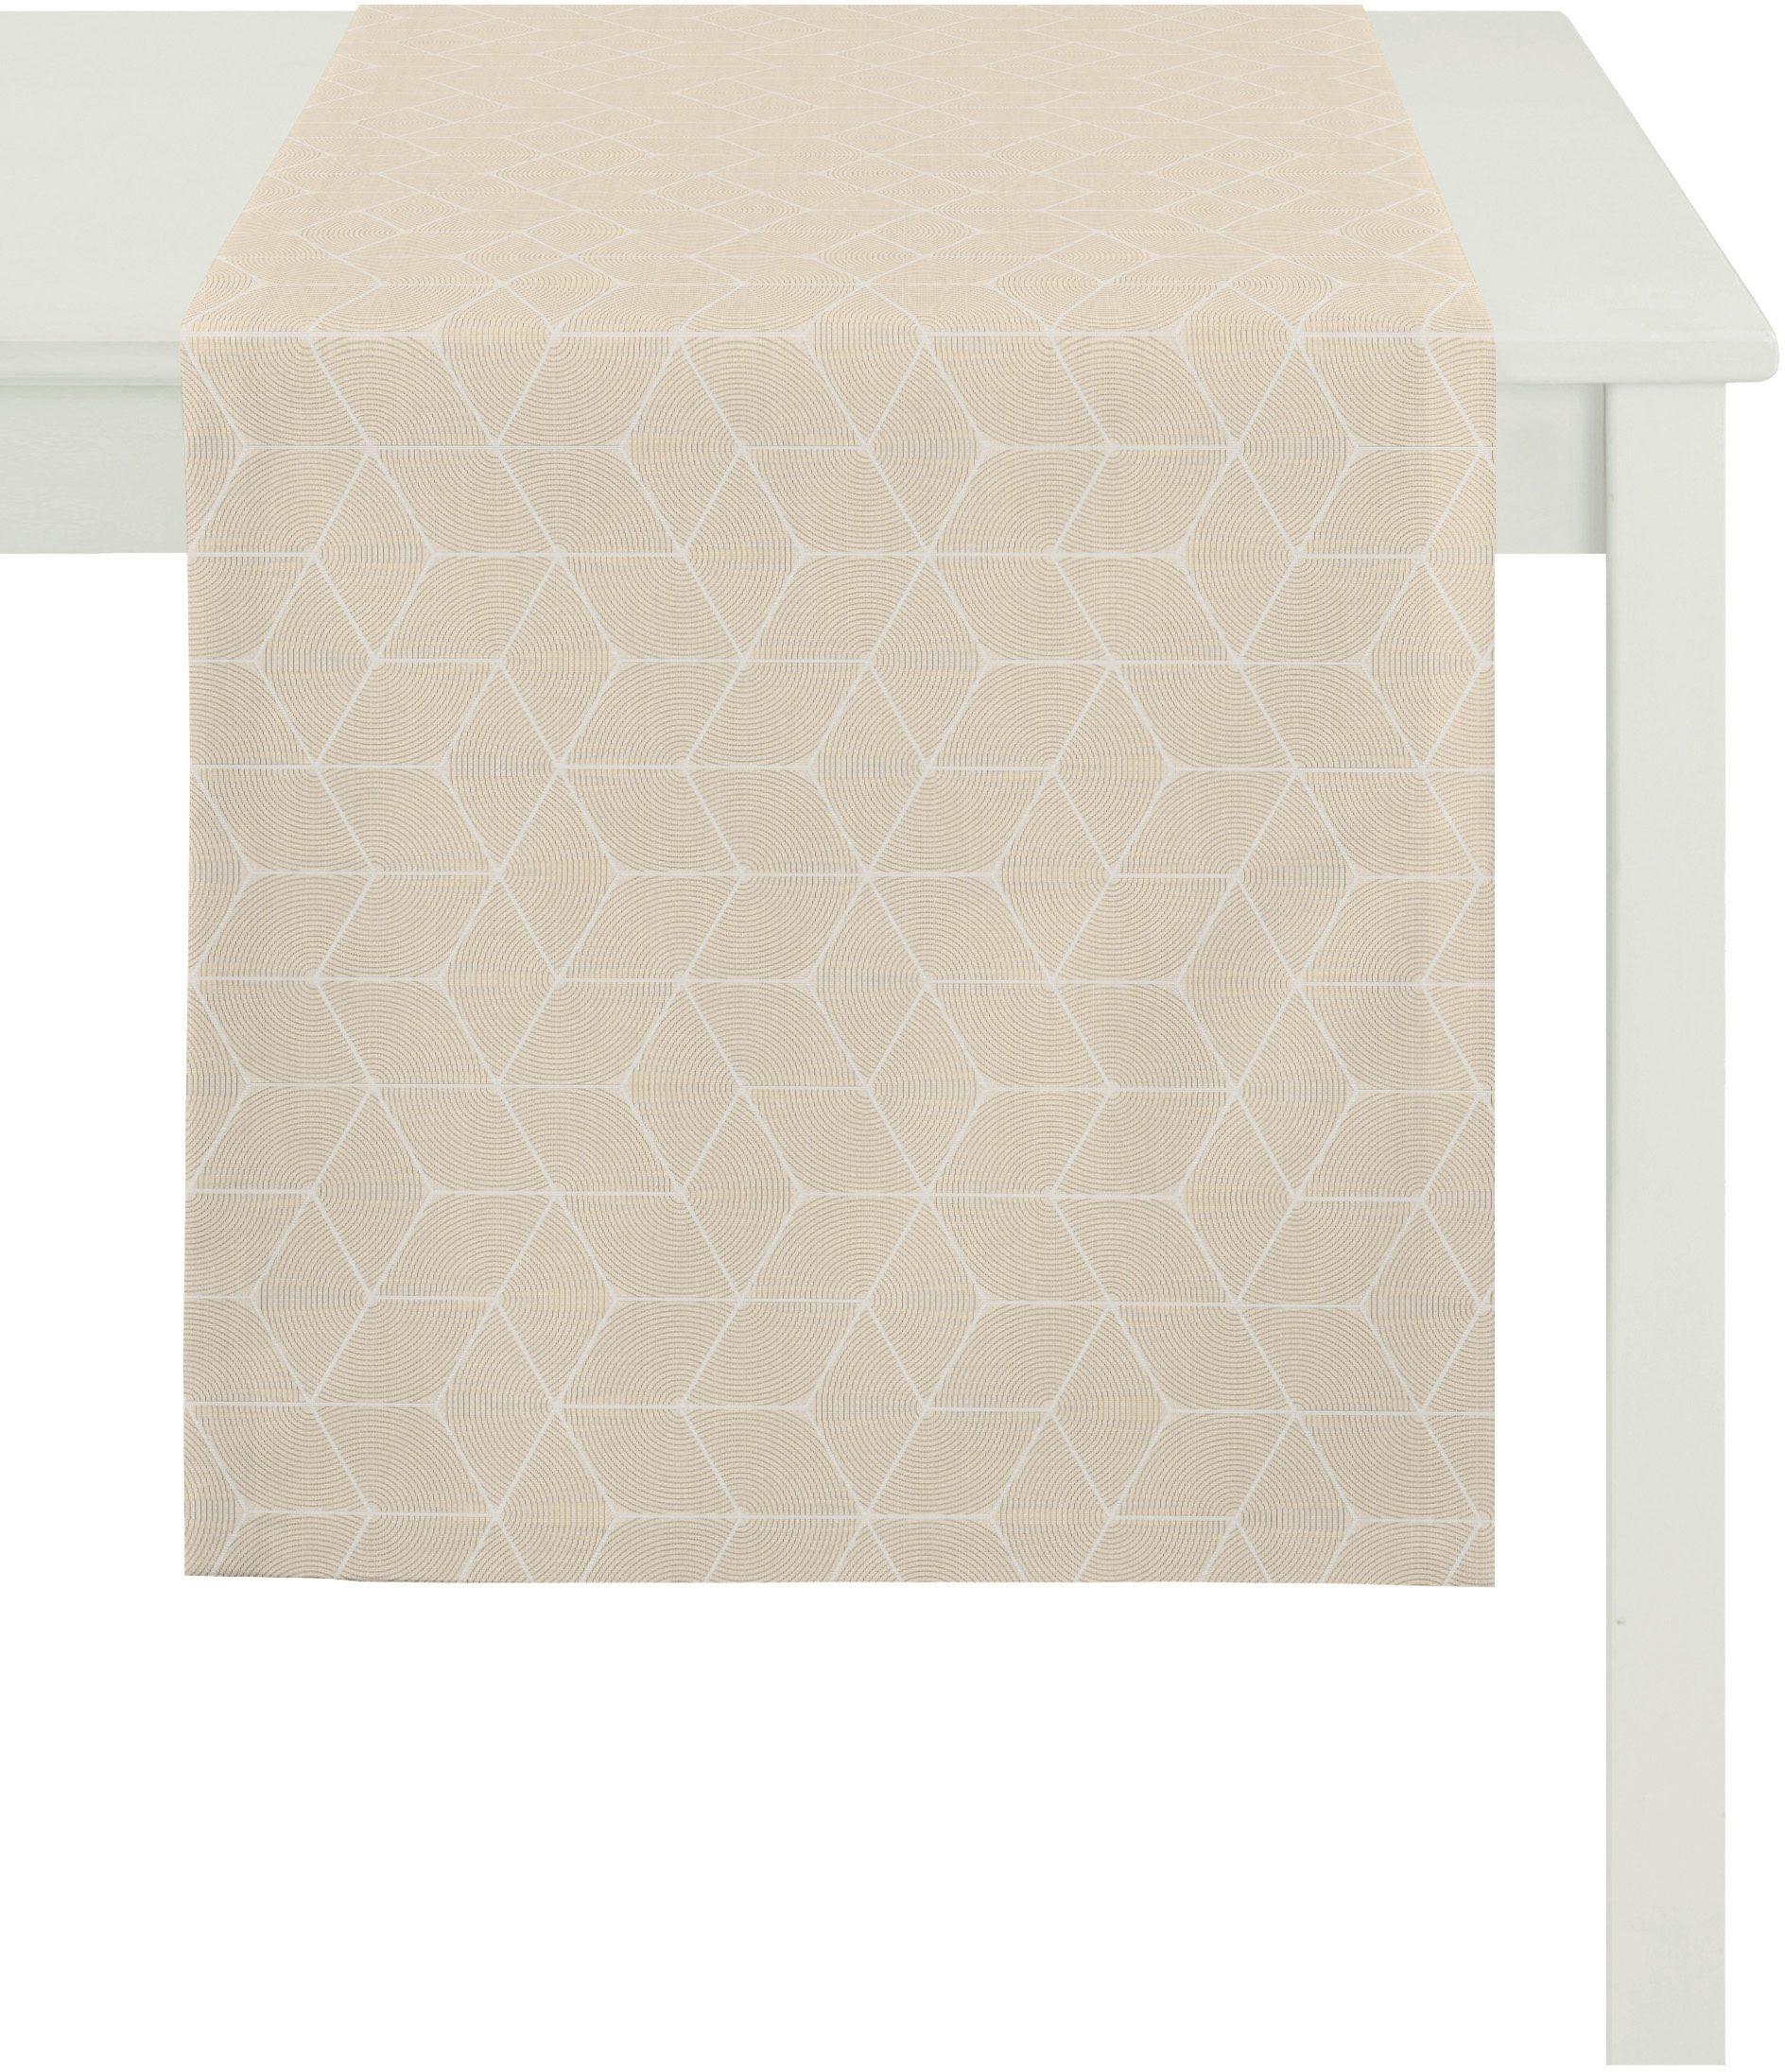 Tischdecke, grau, Material Polyester, Viskose »7901 Uni«, Apelt günstig online kaufen